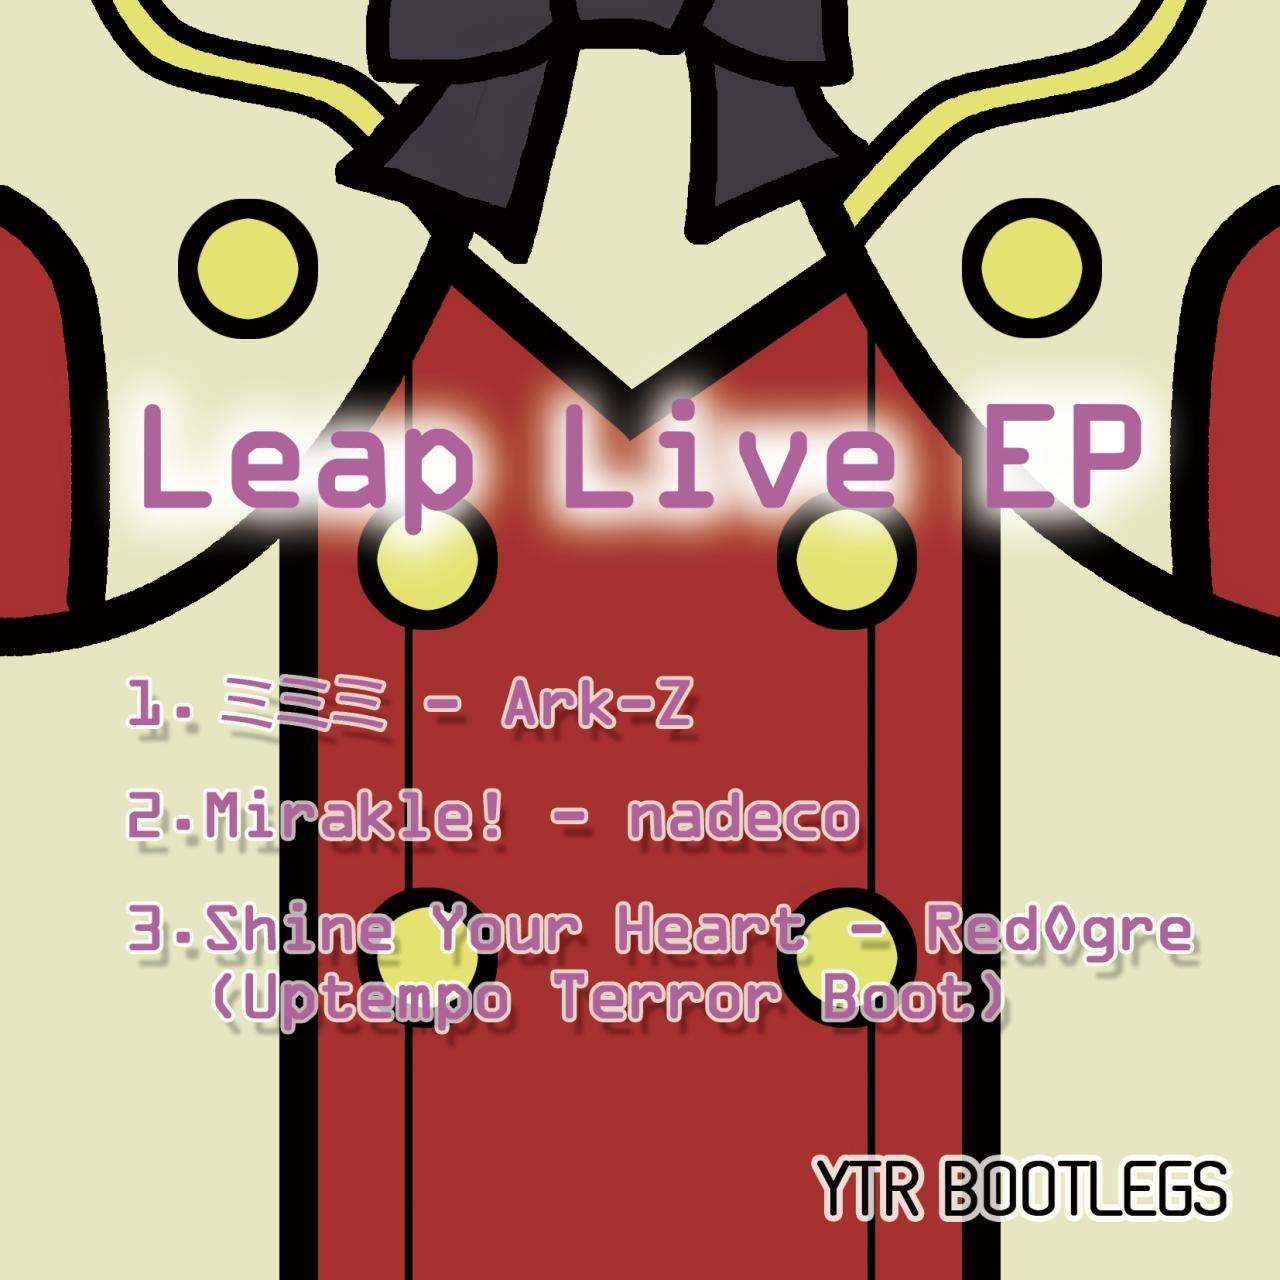 LeapLiveEP.jpg